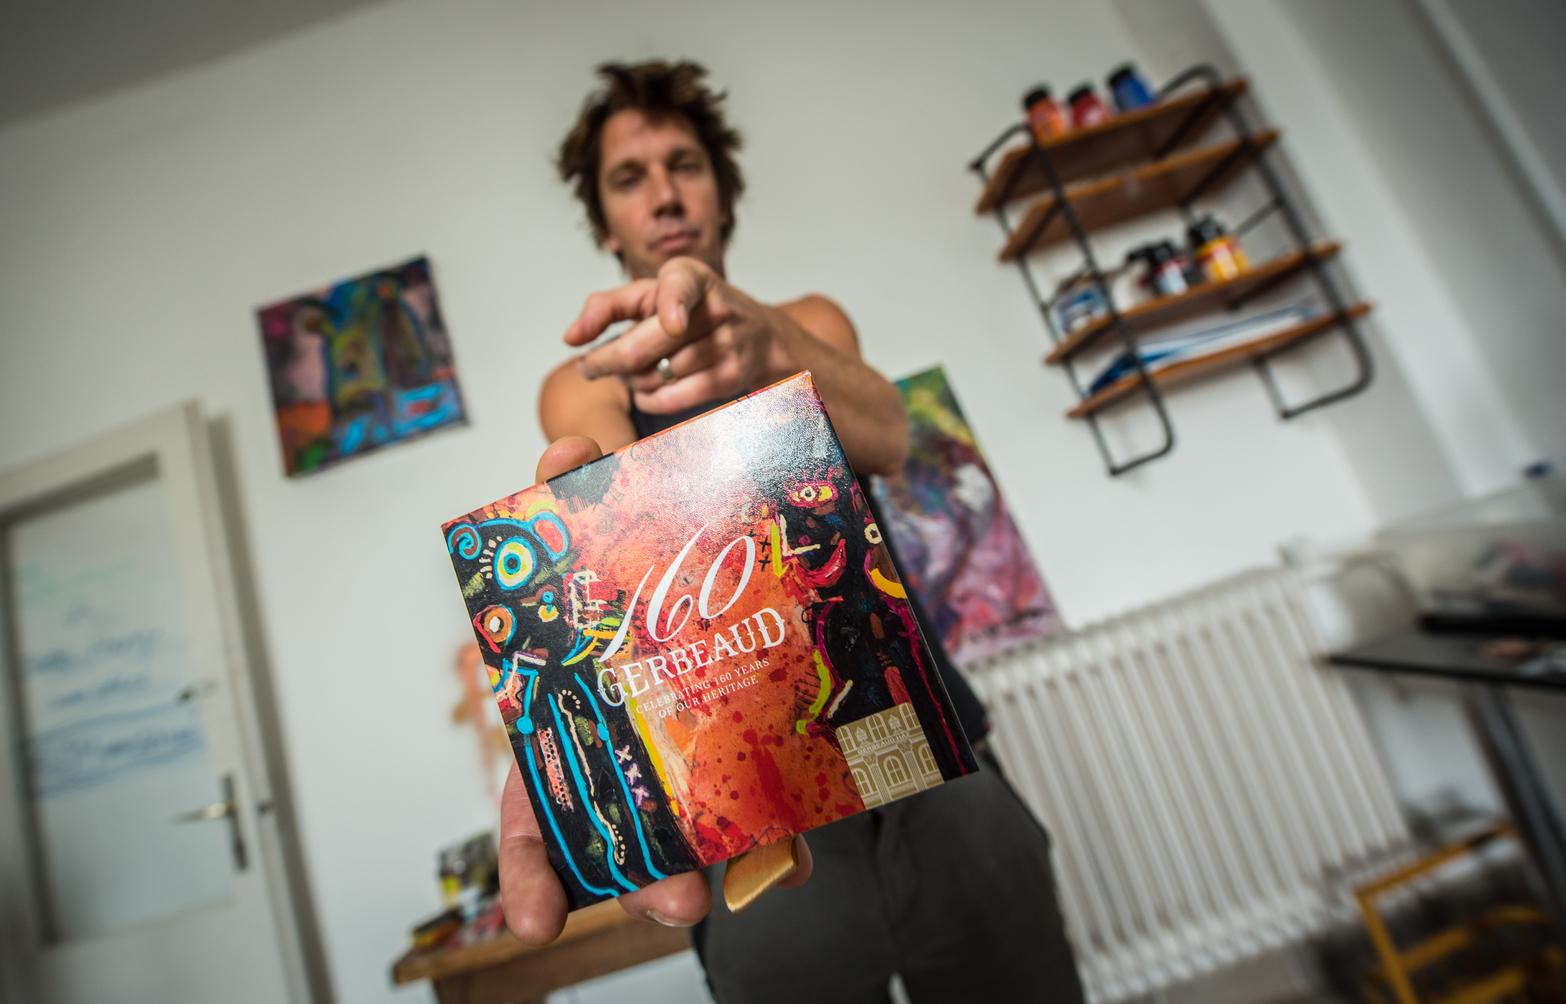 Kiss Tibi zenész, a Quimby frontembere a Gerbeaud számár tervezett művészi csomagolást